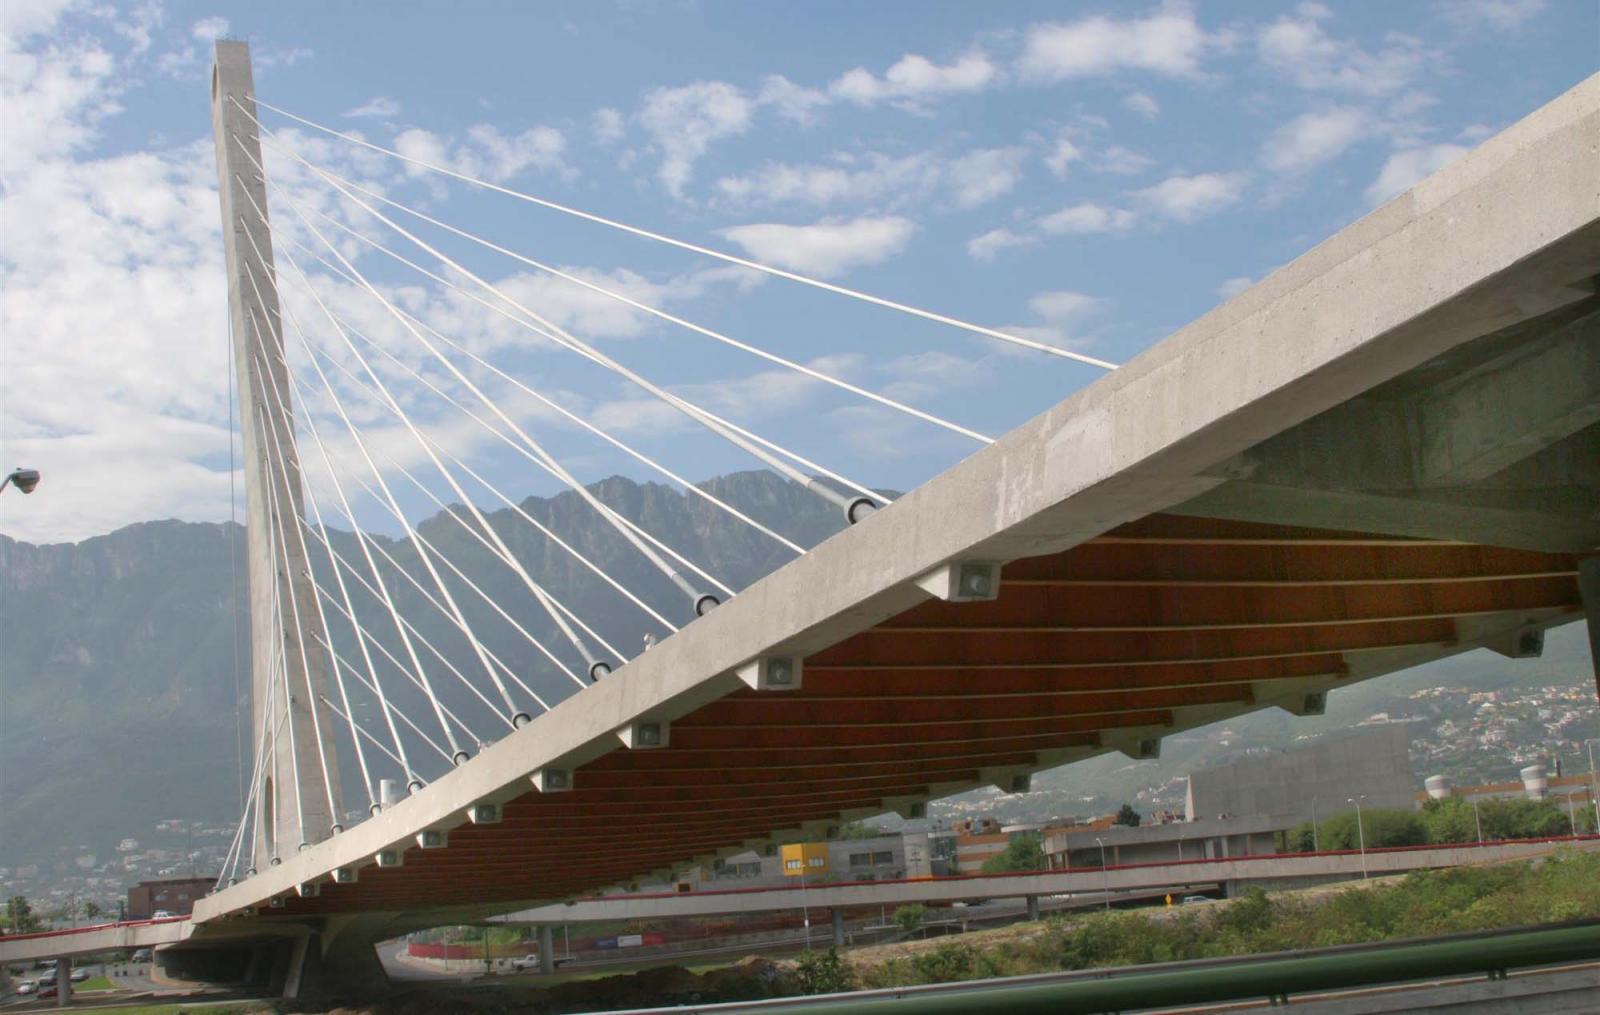 El Puente de la Unidad o Puente Atirantado cruza el Río Santa Catarina